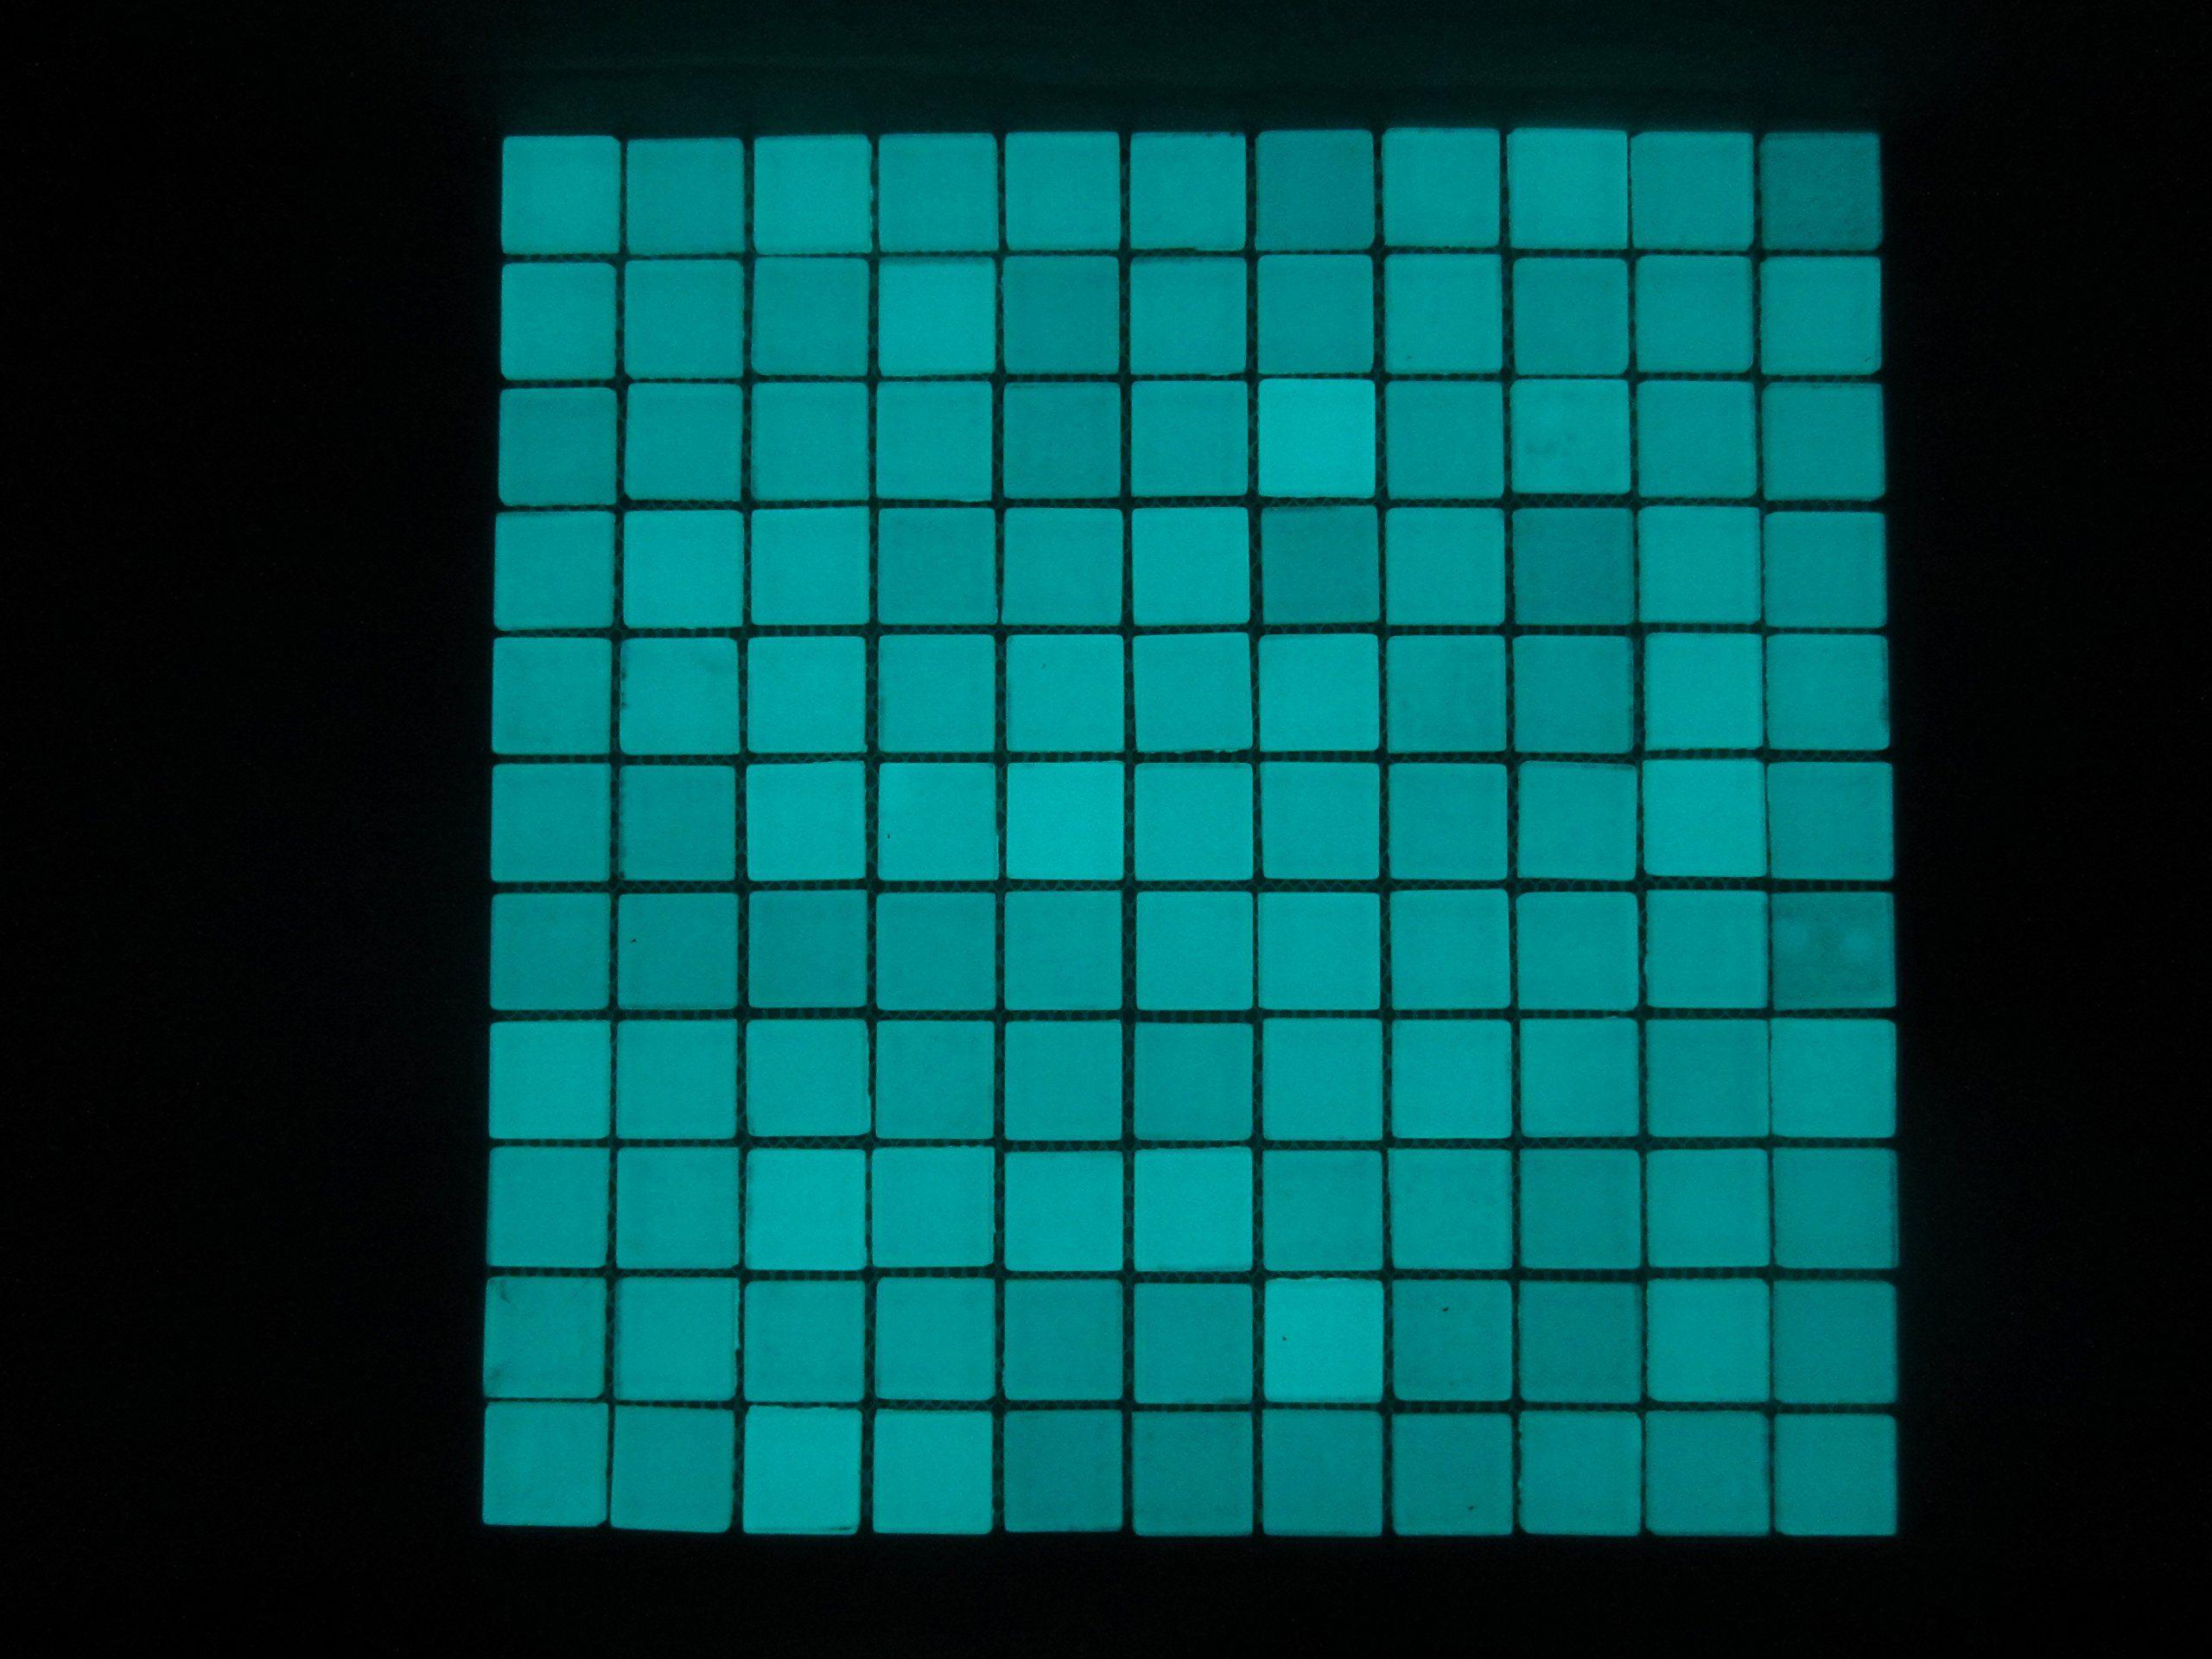 ELI Mosaik Fliesen–Glow in the Dark, super-grade Strontium Fliesen: Amazon.de: Küche & Haushalt